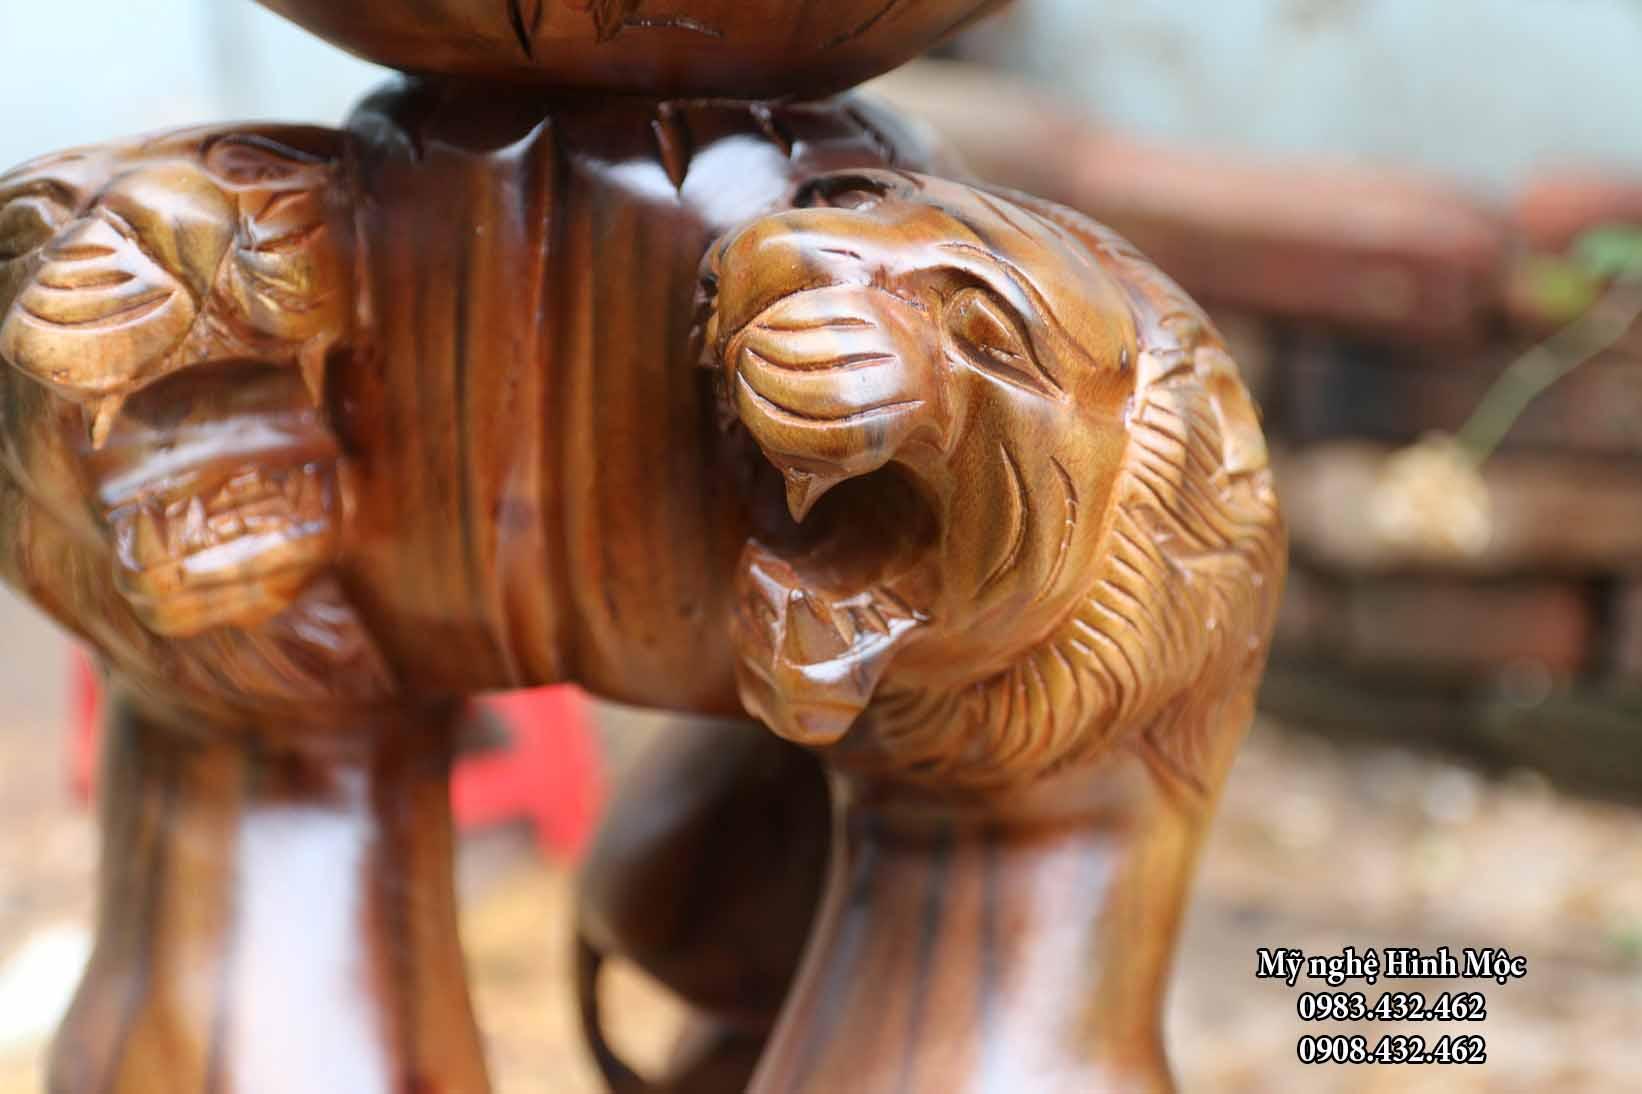 Tượng gỗ đại bàng đẹp giá rẻ